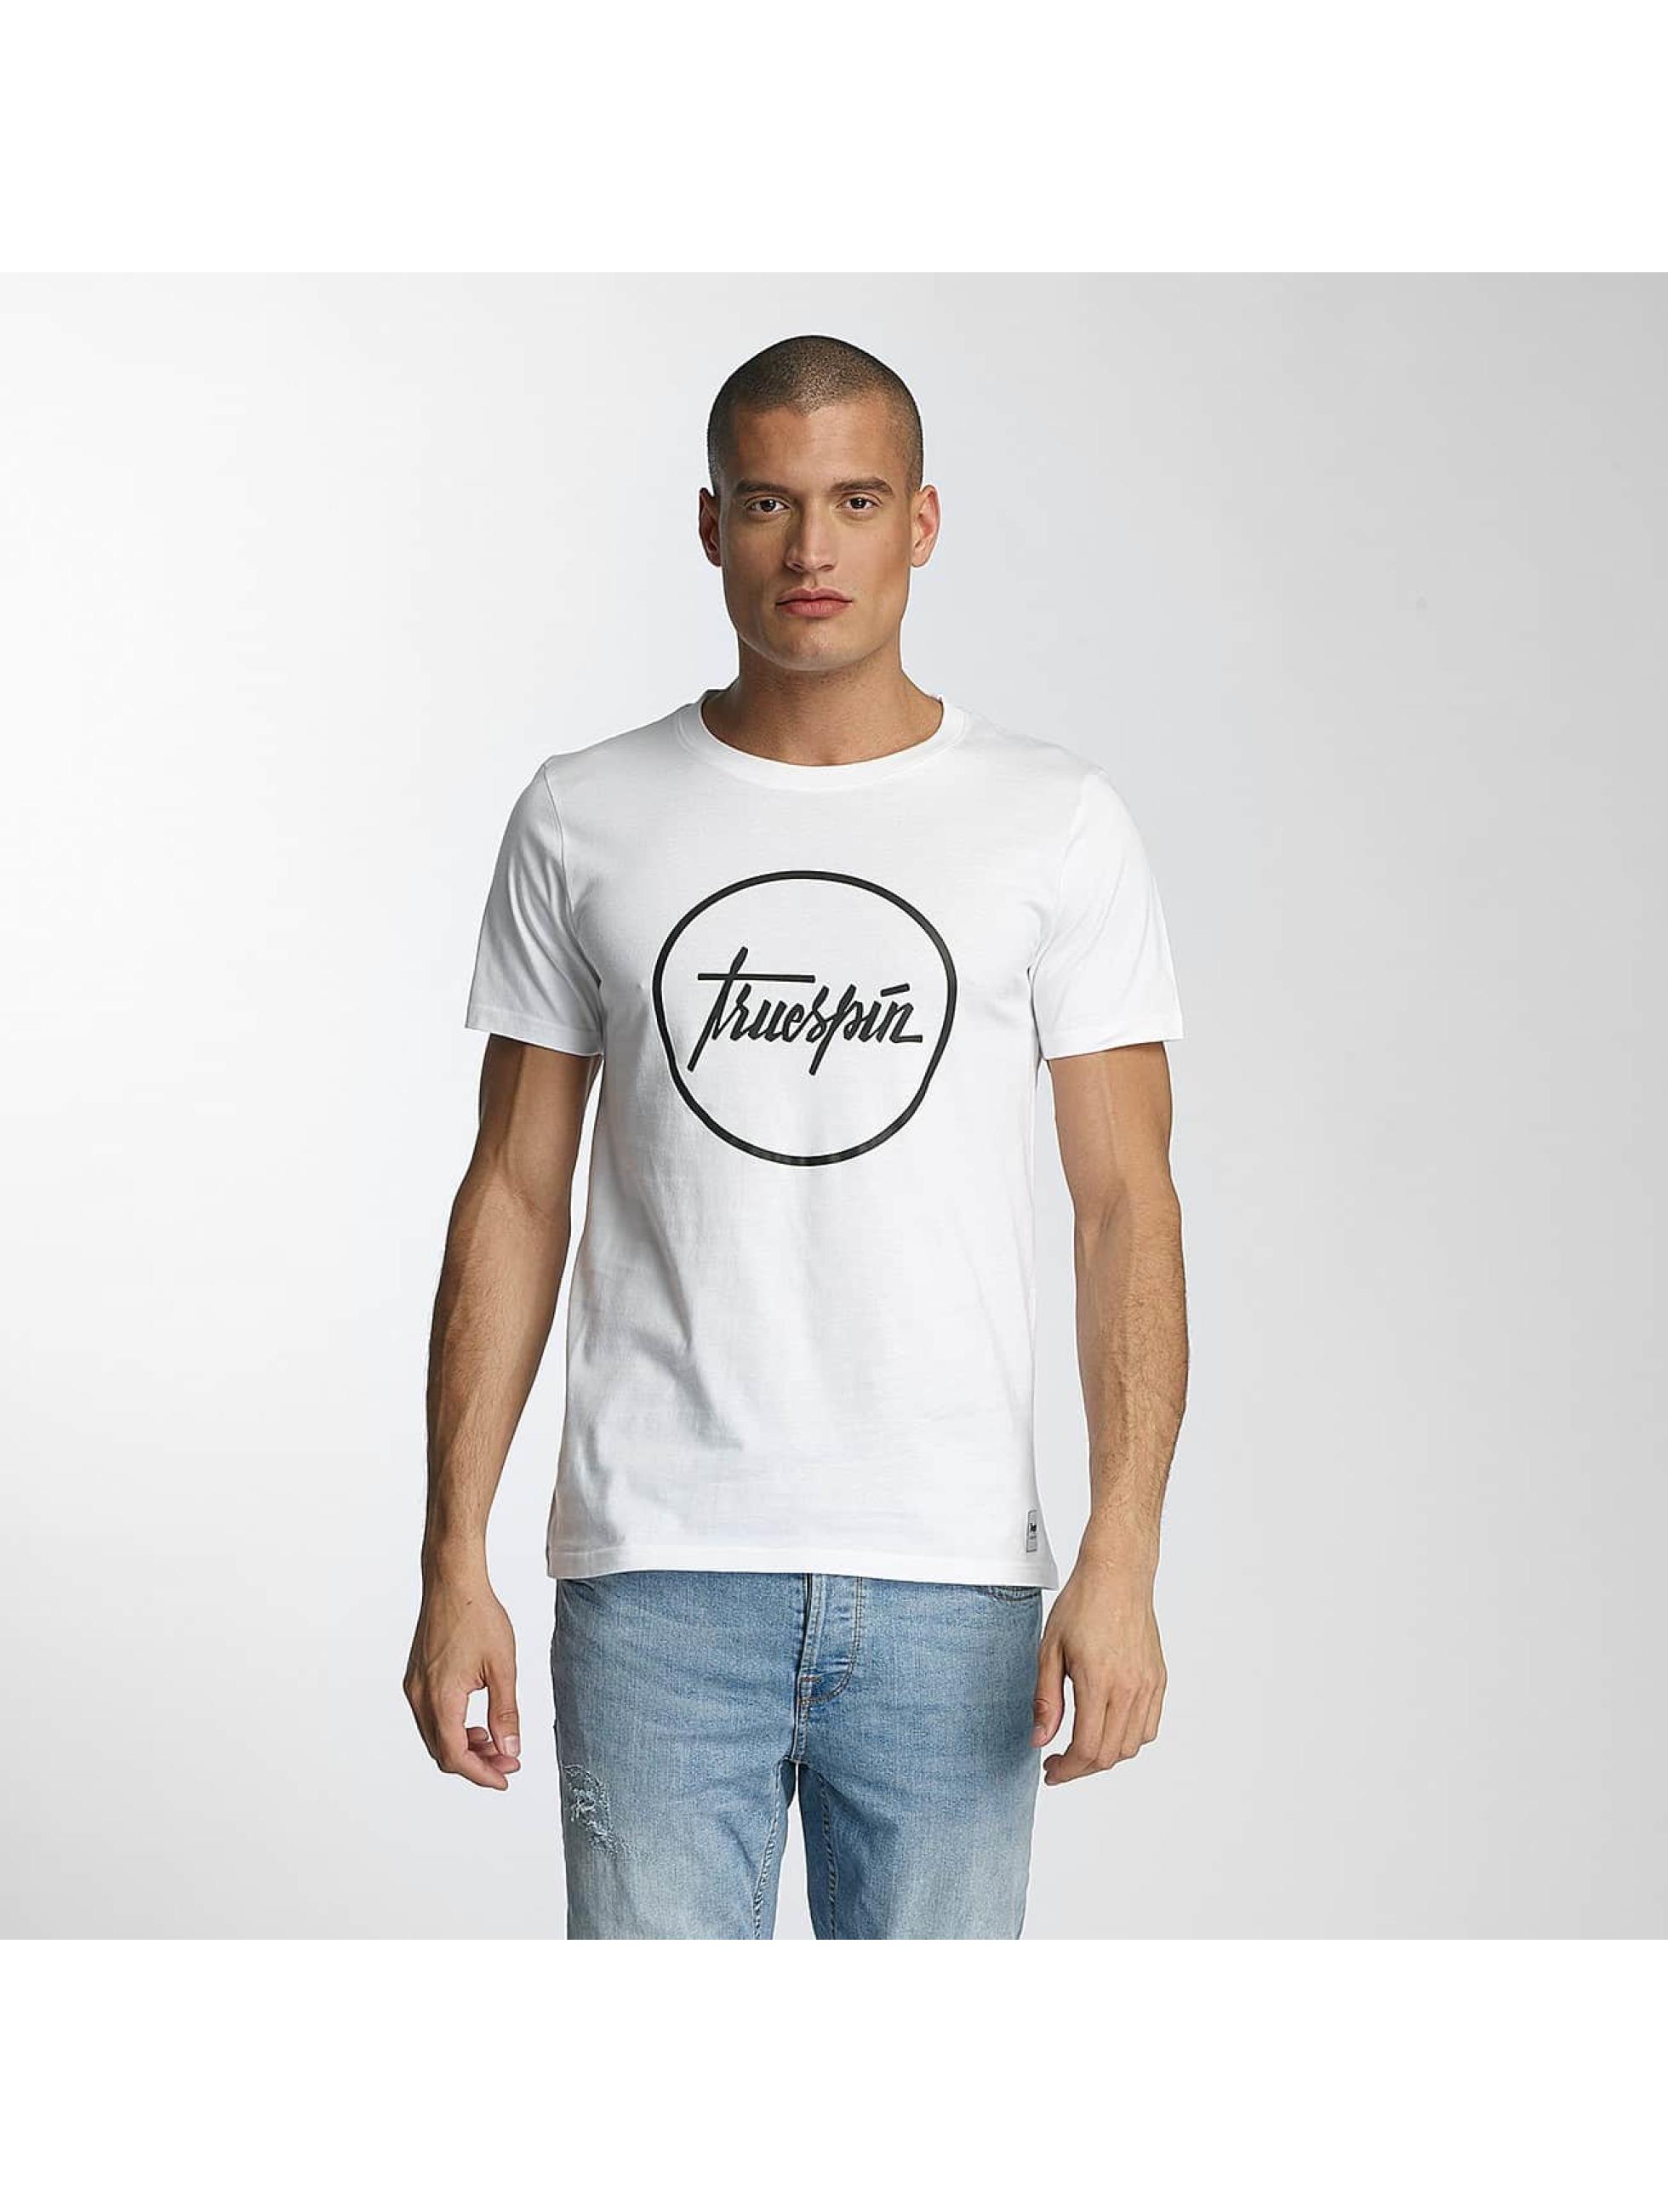 TrueSpin T-Shirt 5 white